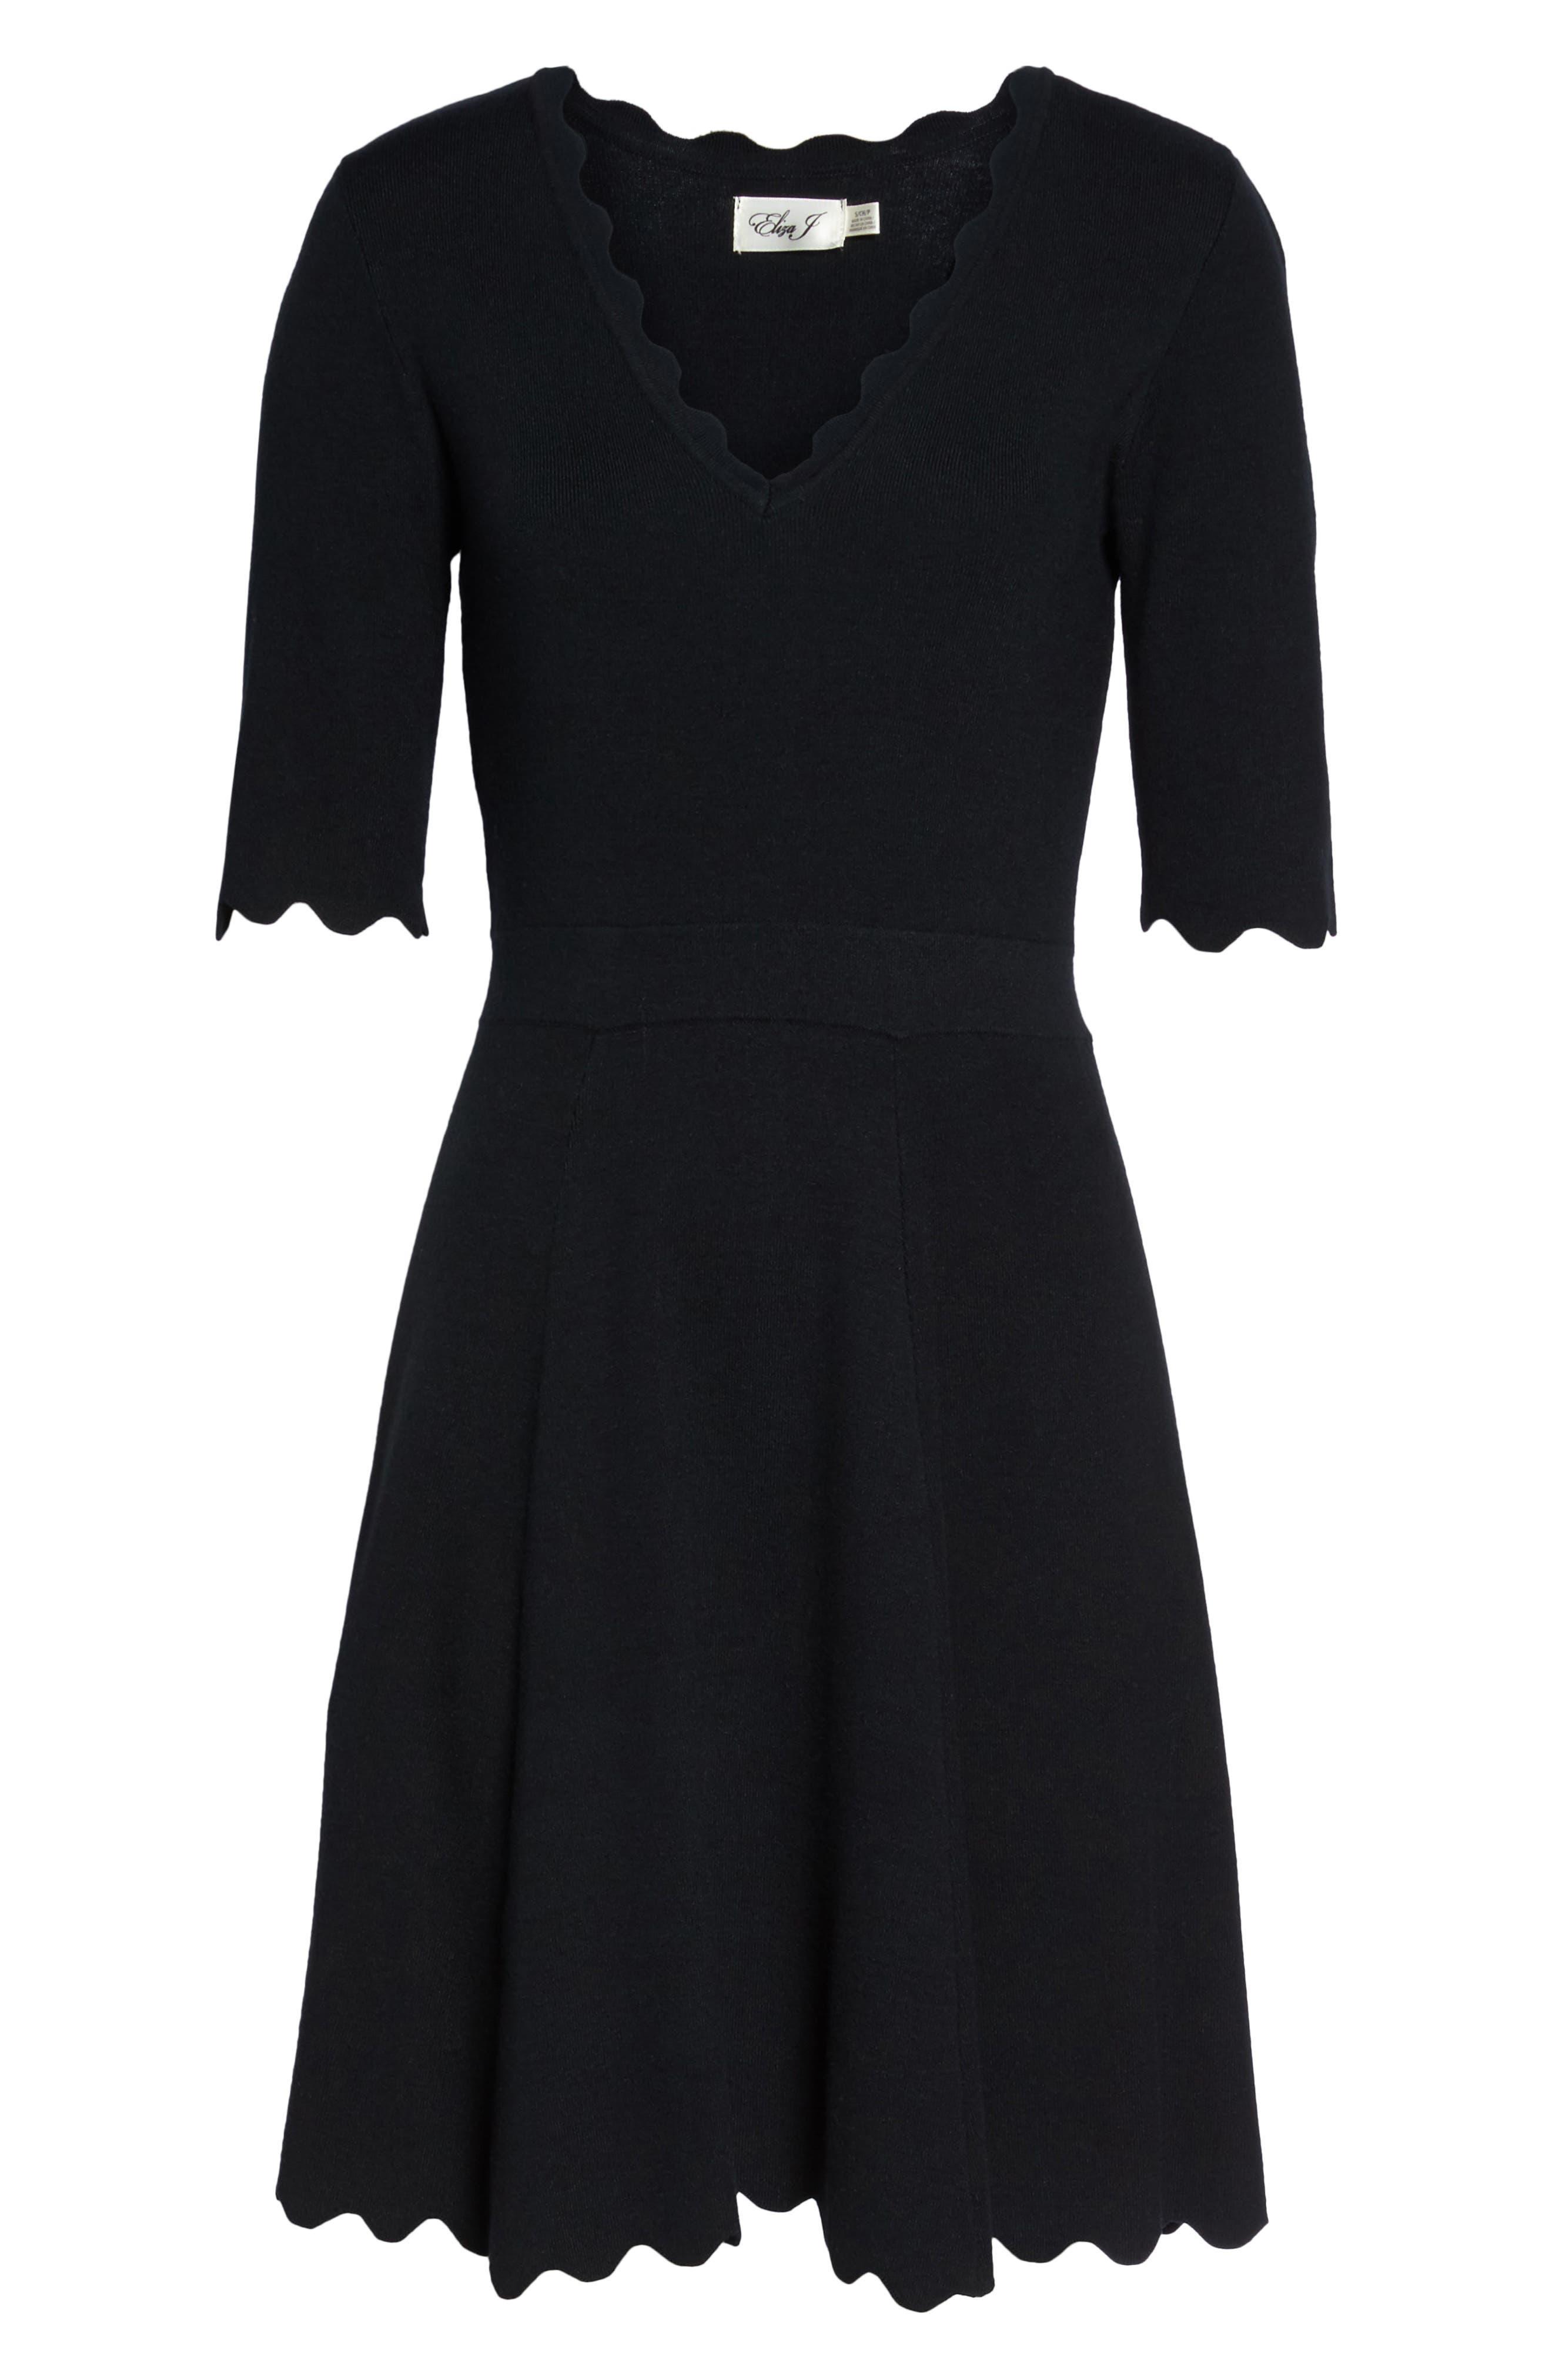 Scallop Trim Fit & Flare Dress,                             Alternate thumbnail 7, color,                             BLACK